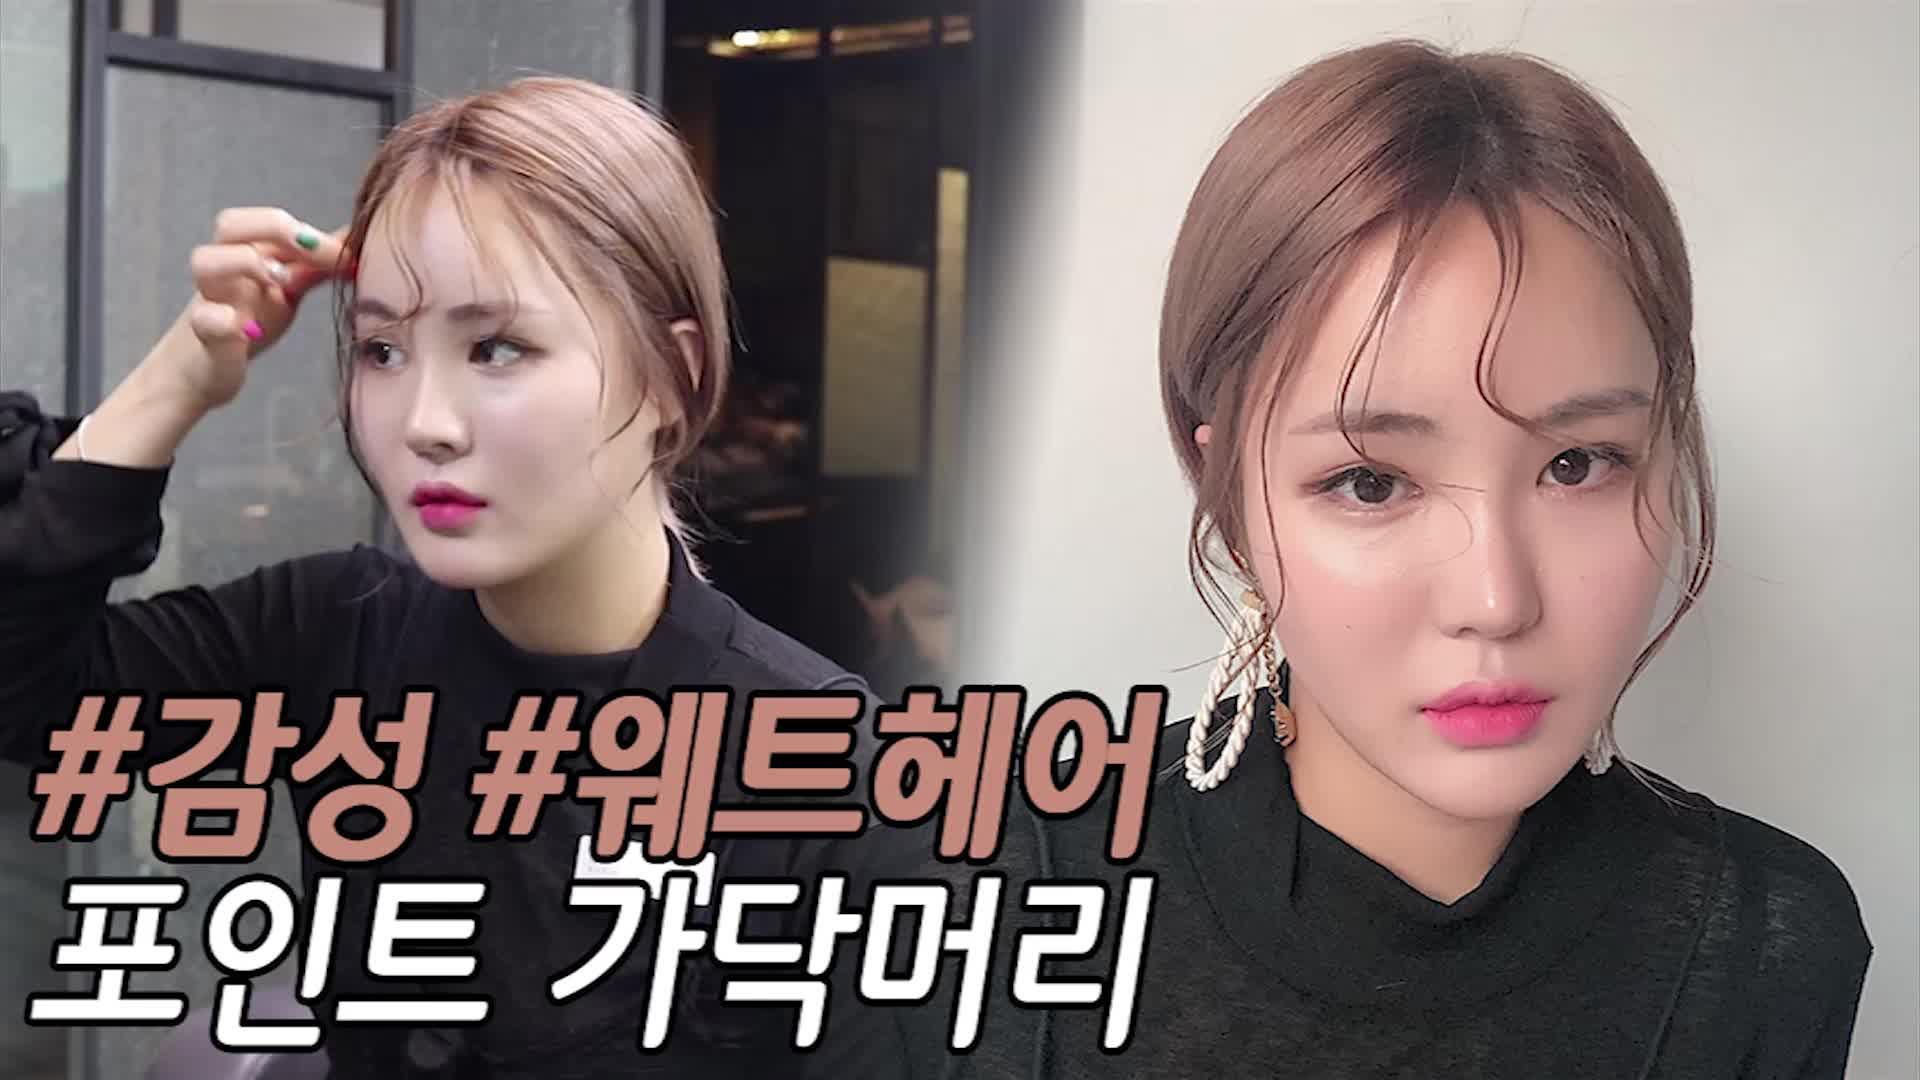 [1분팁] 포인트가닥머리&웨트헤어 ♥